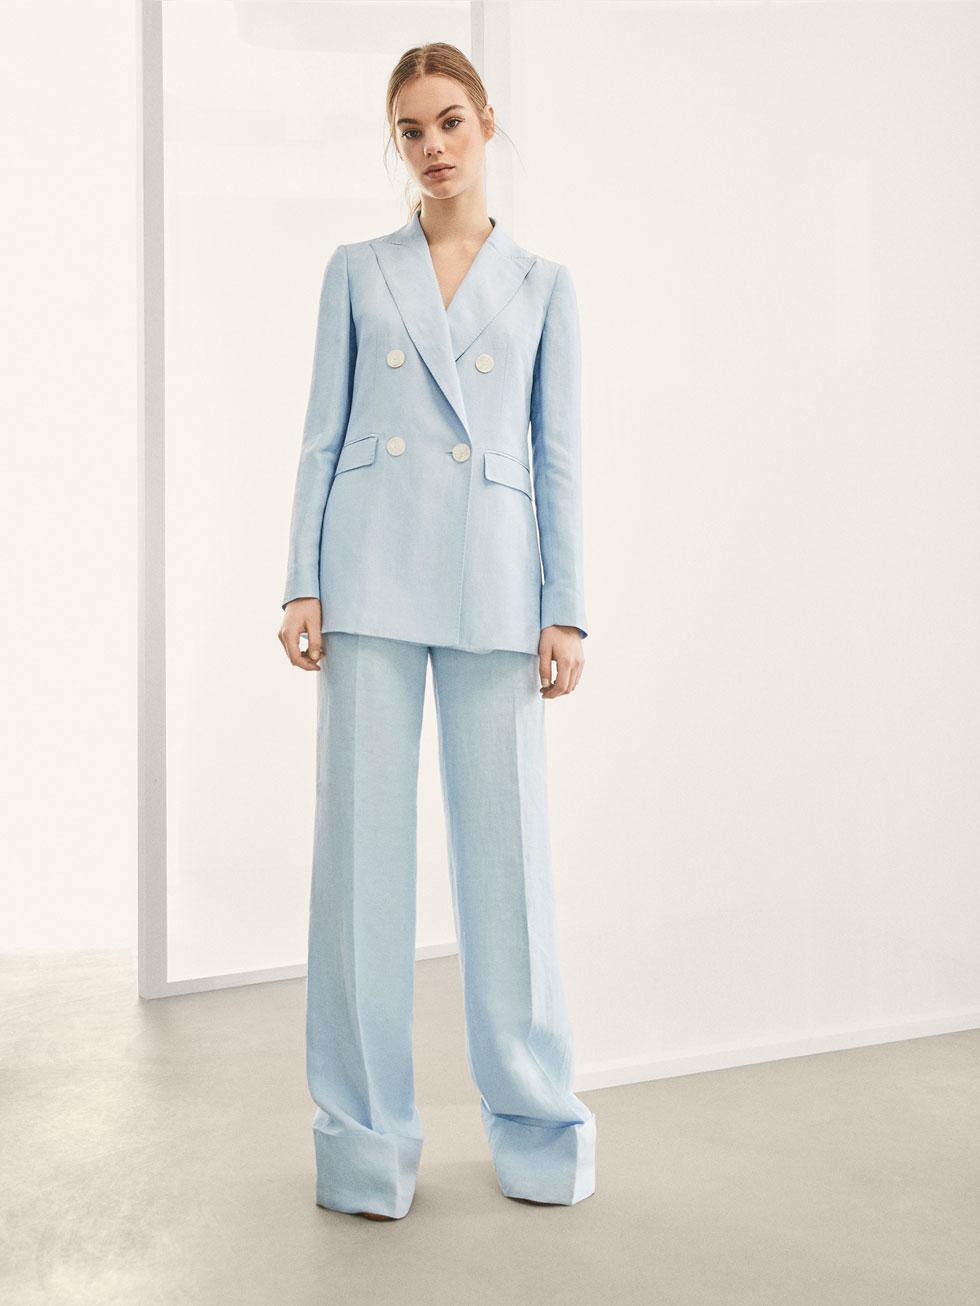 Traje de chaqueta azul de Massimo Dutti